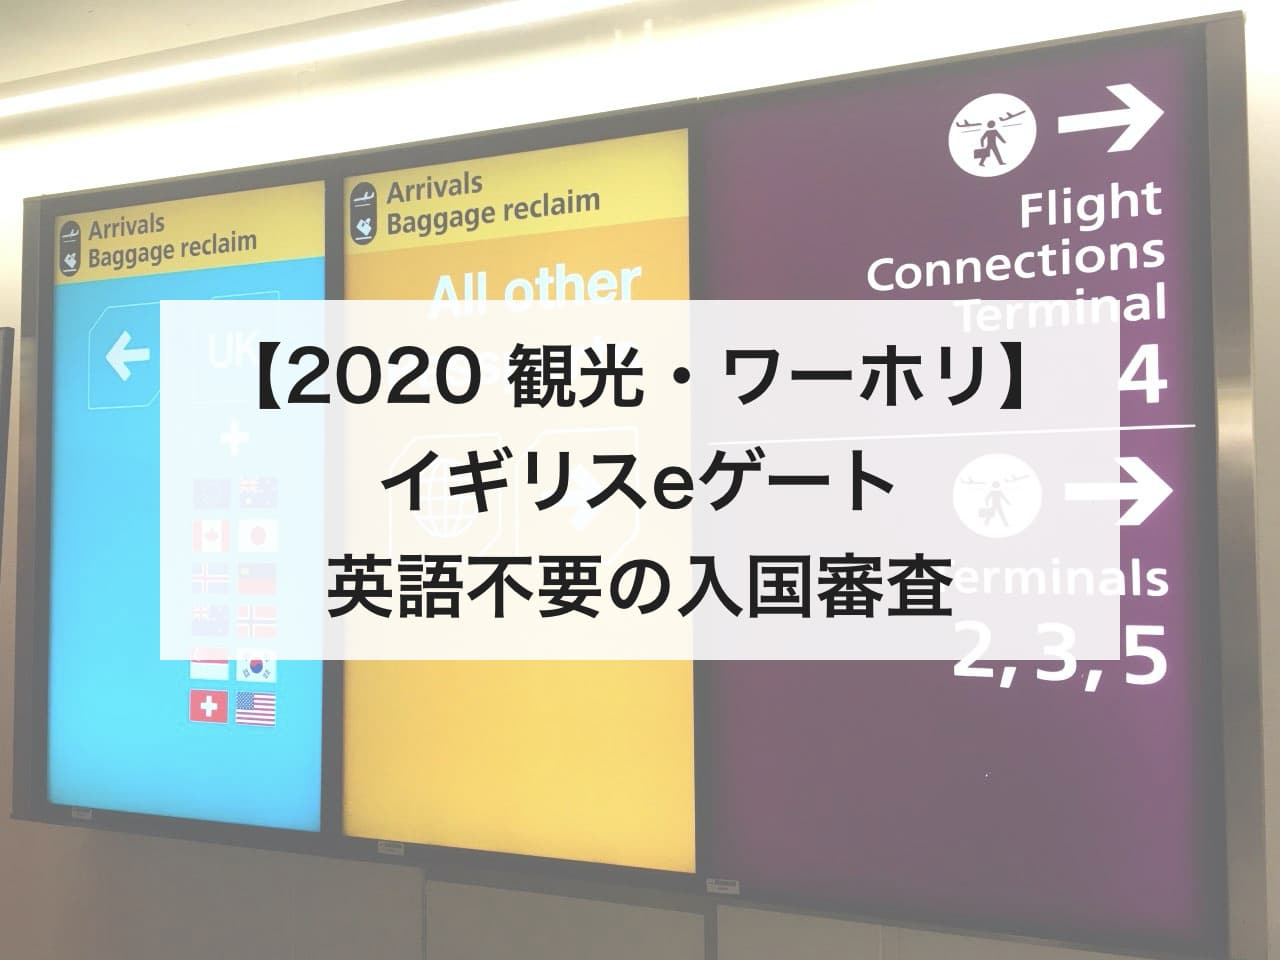 2020_05 minimal traveler, eyecatch, airport-egate